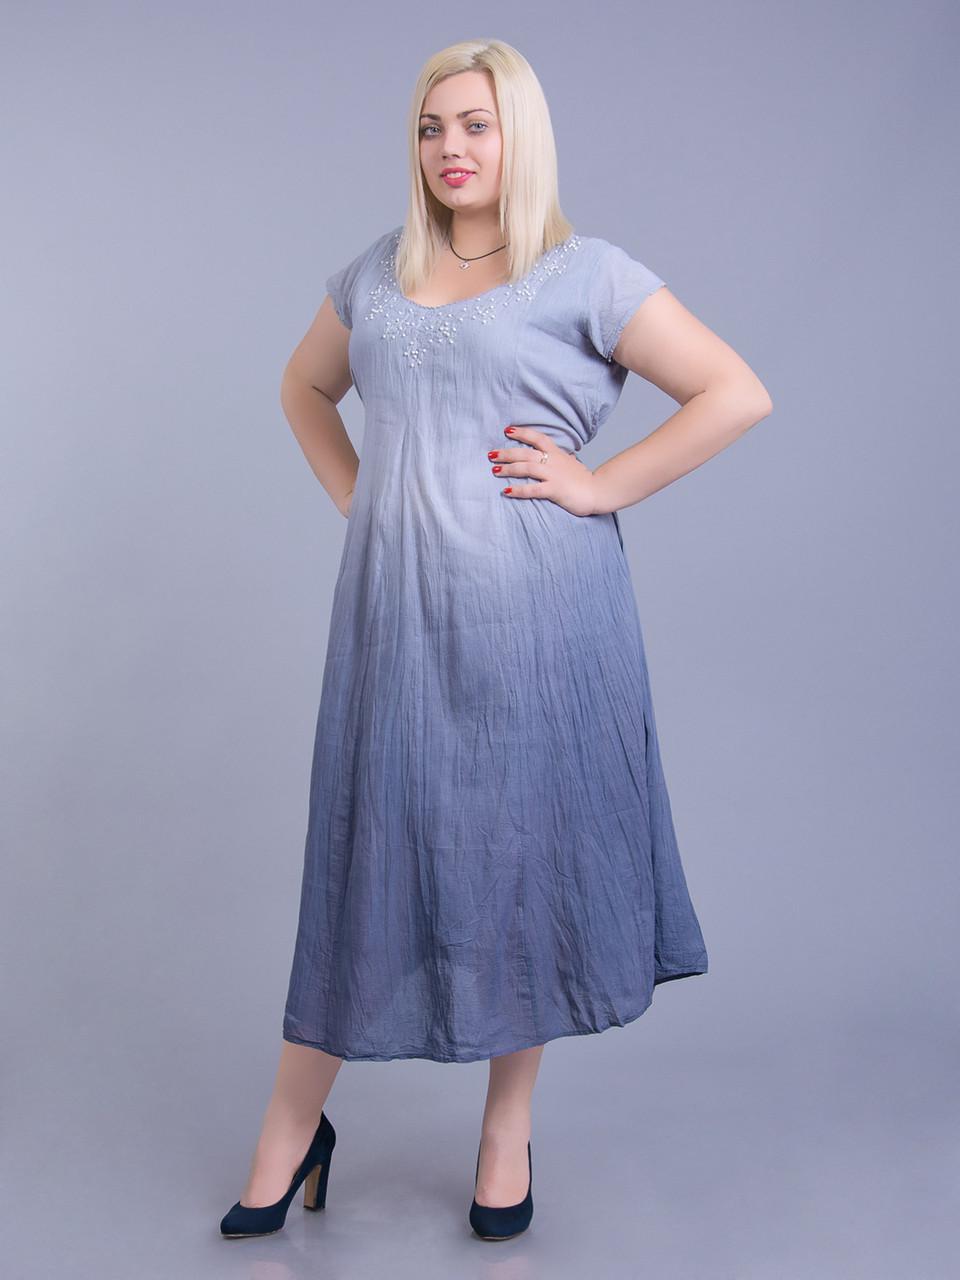 Женская одежда 66 70 размер